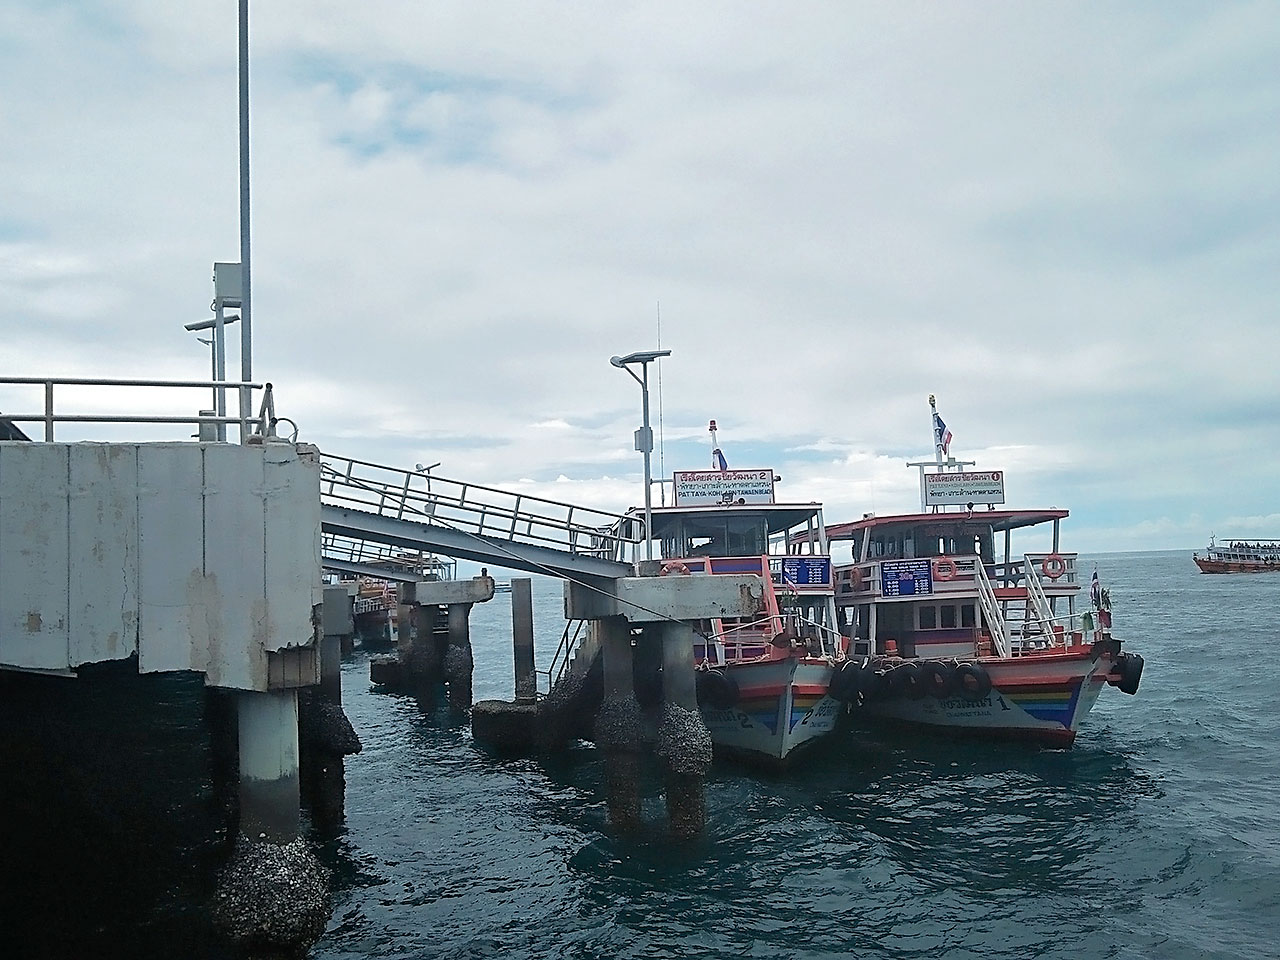 เที่ยวเกาะล้าน พัทยา ชลบุรี